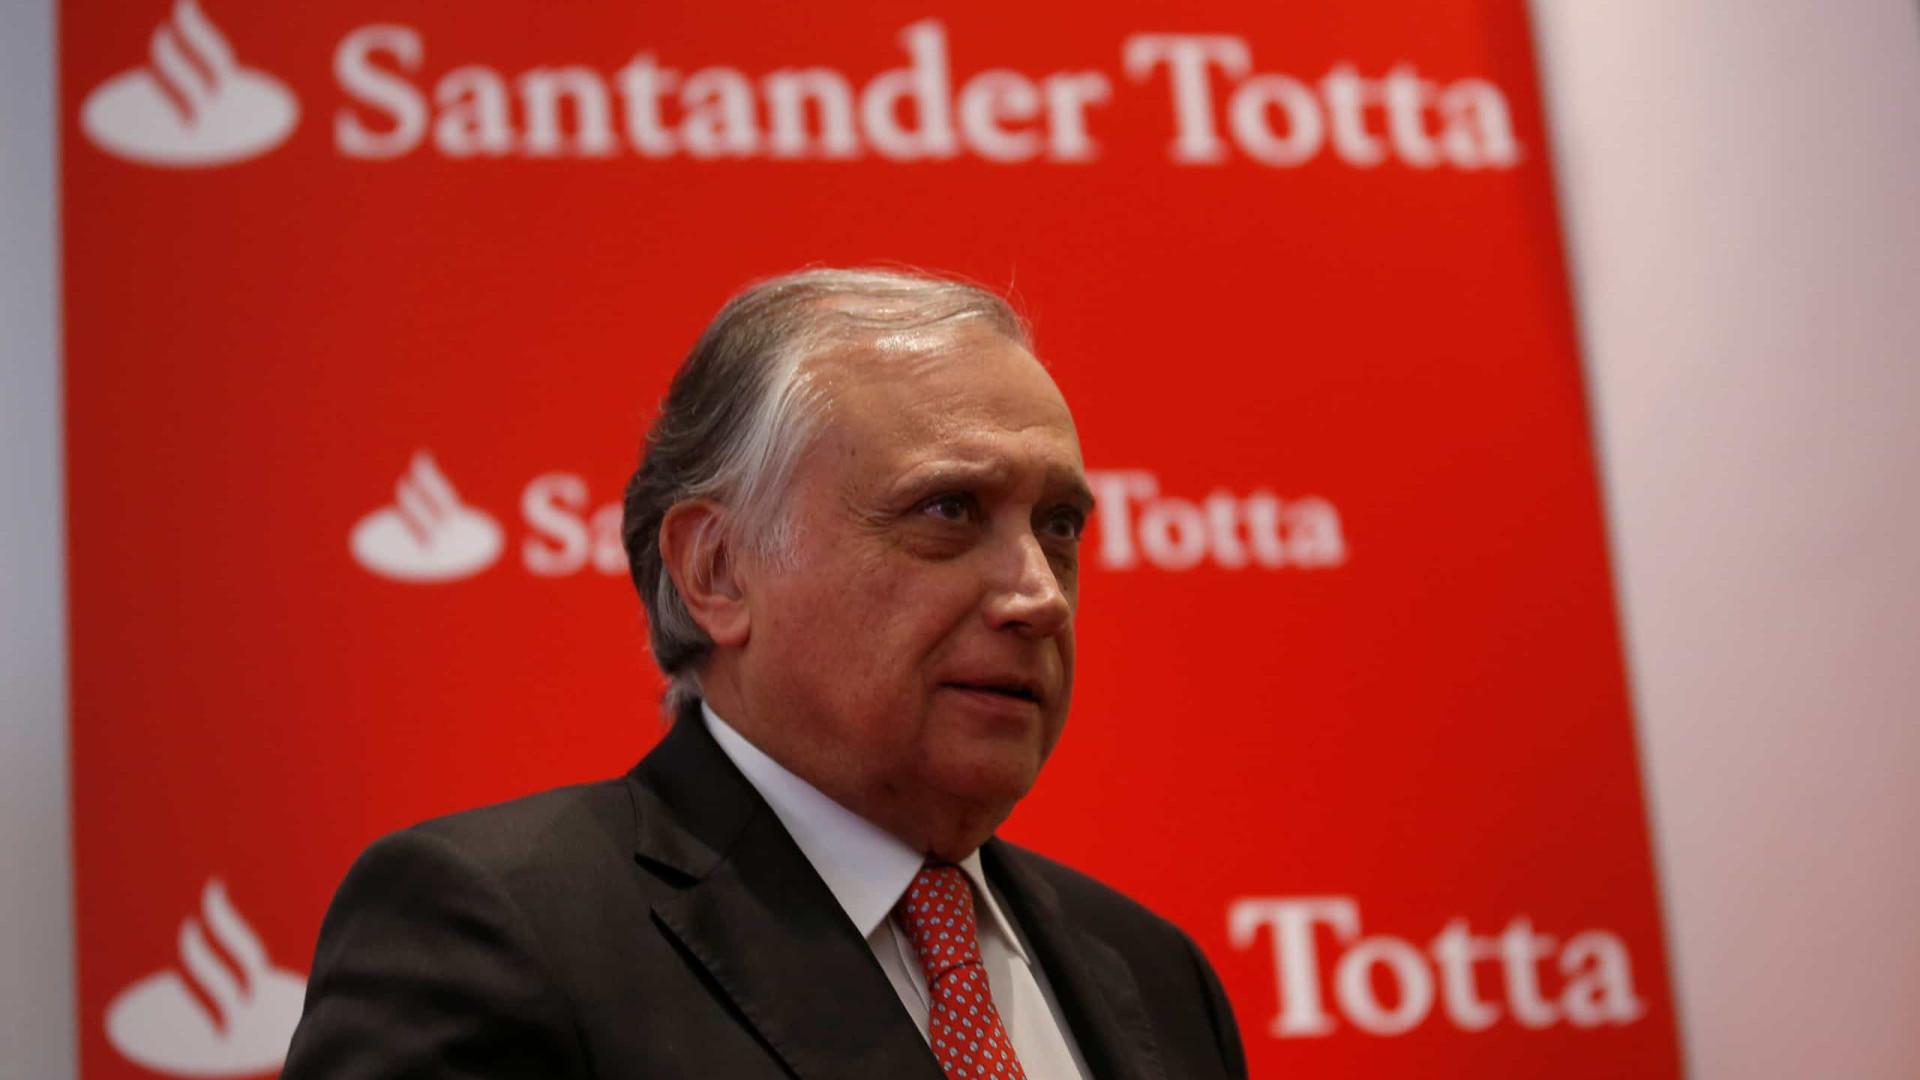 Presidente do Santander Portugal morre após contaminação por covid-19